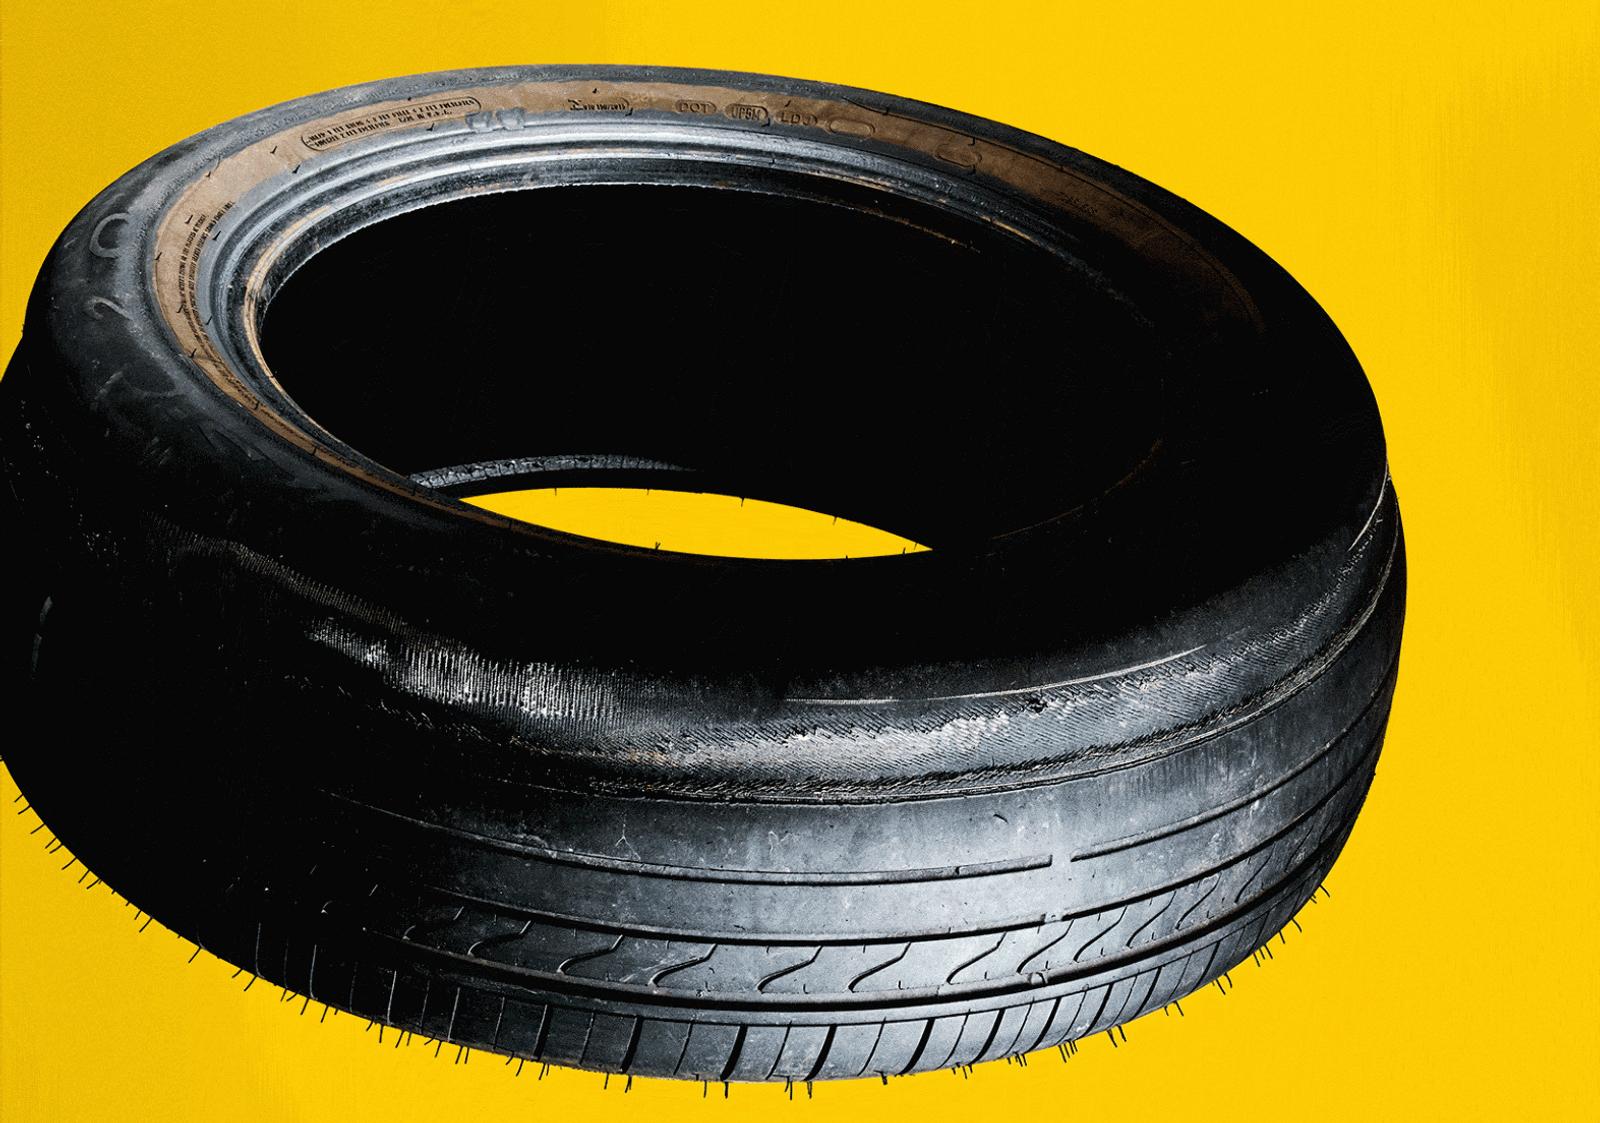 Conforme os pneus percorrem seus quilômetros, eles se desgastam, liberando pequeninos pedaços de plástico sintético – ...